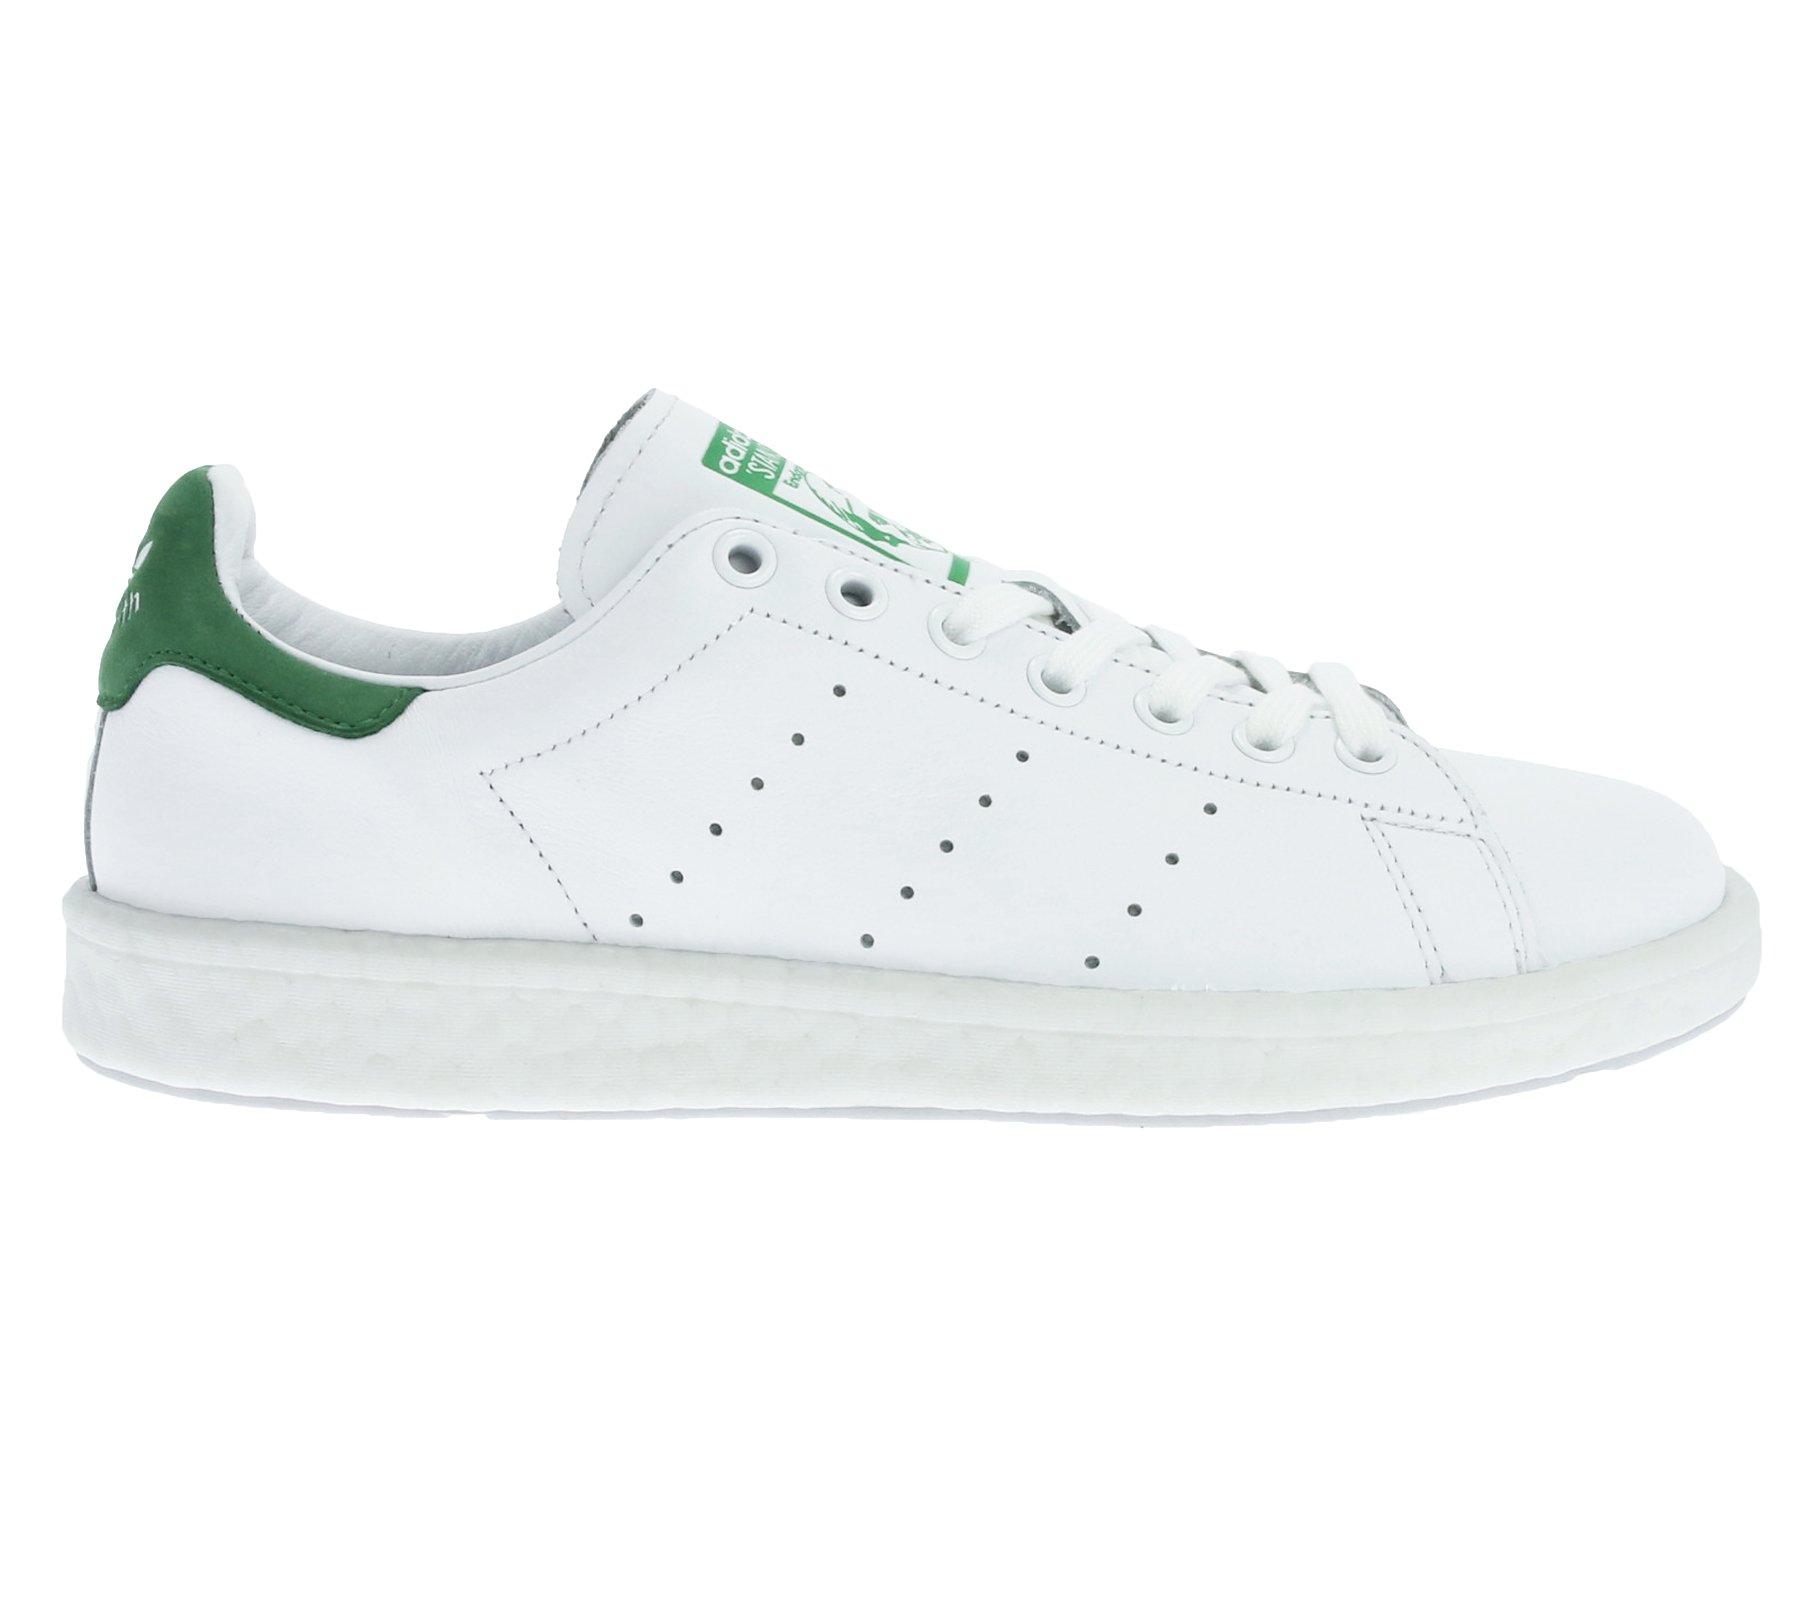 Adidas Schuhe Stan Smith Boost Herren footwear white-footwear white-green (BB0008), 42, weiss